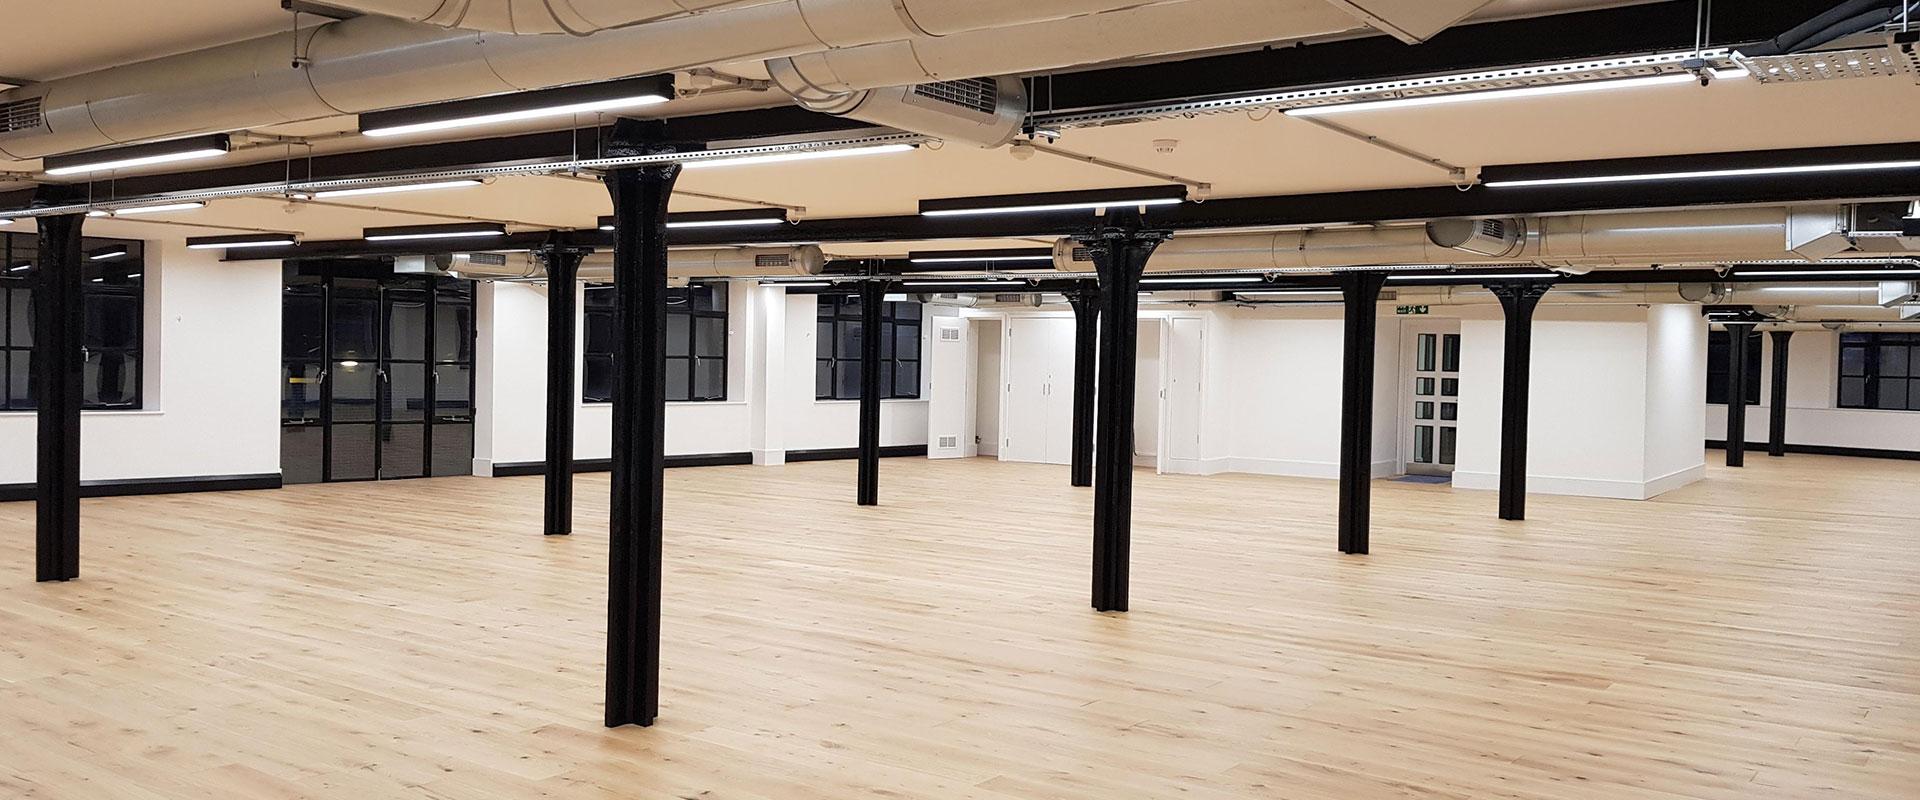 Refurbished warehouse